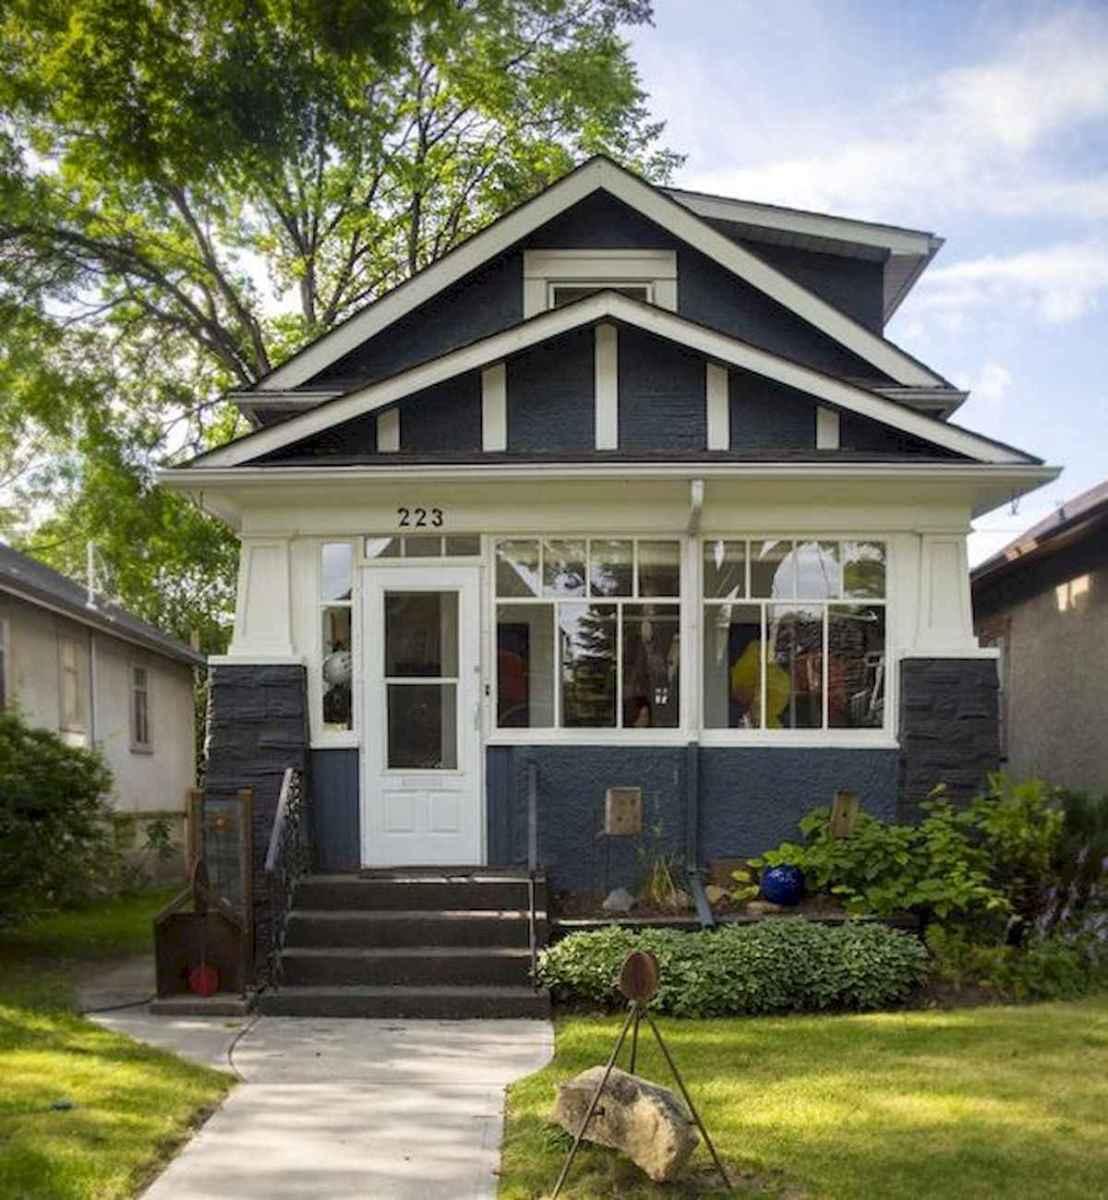 40 Best Bungalow Homes Design Ideas (39)